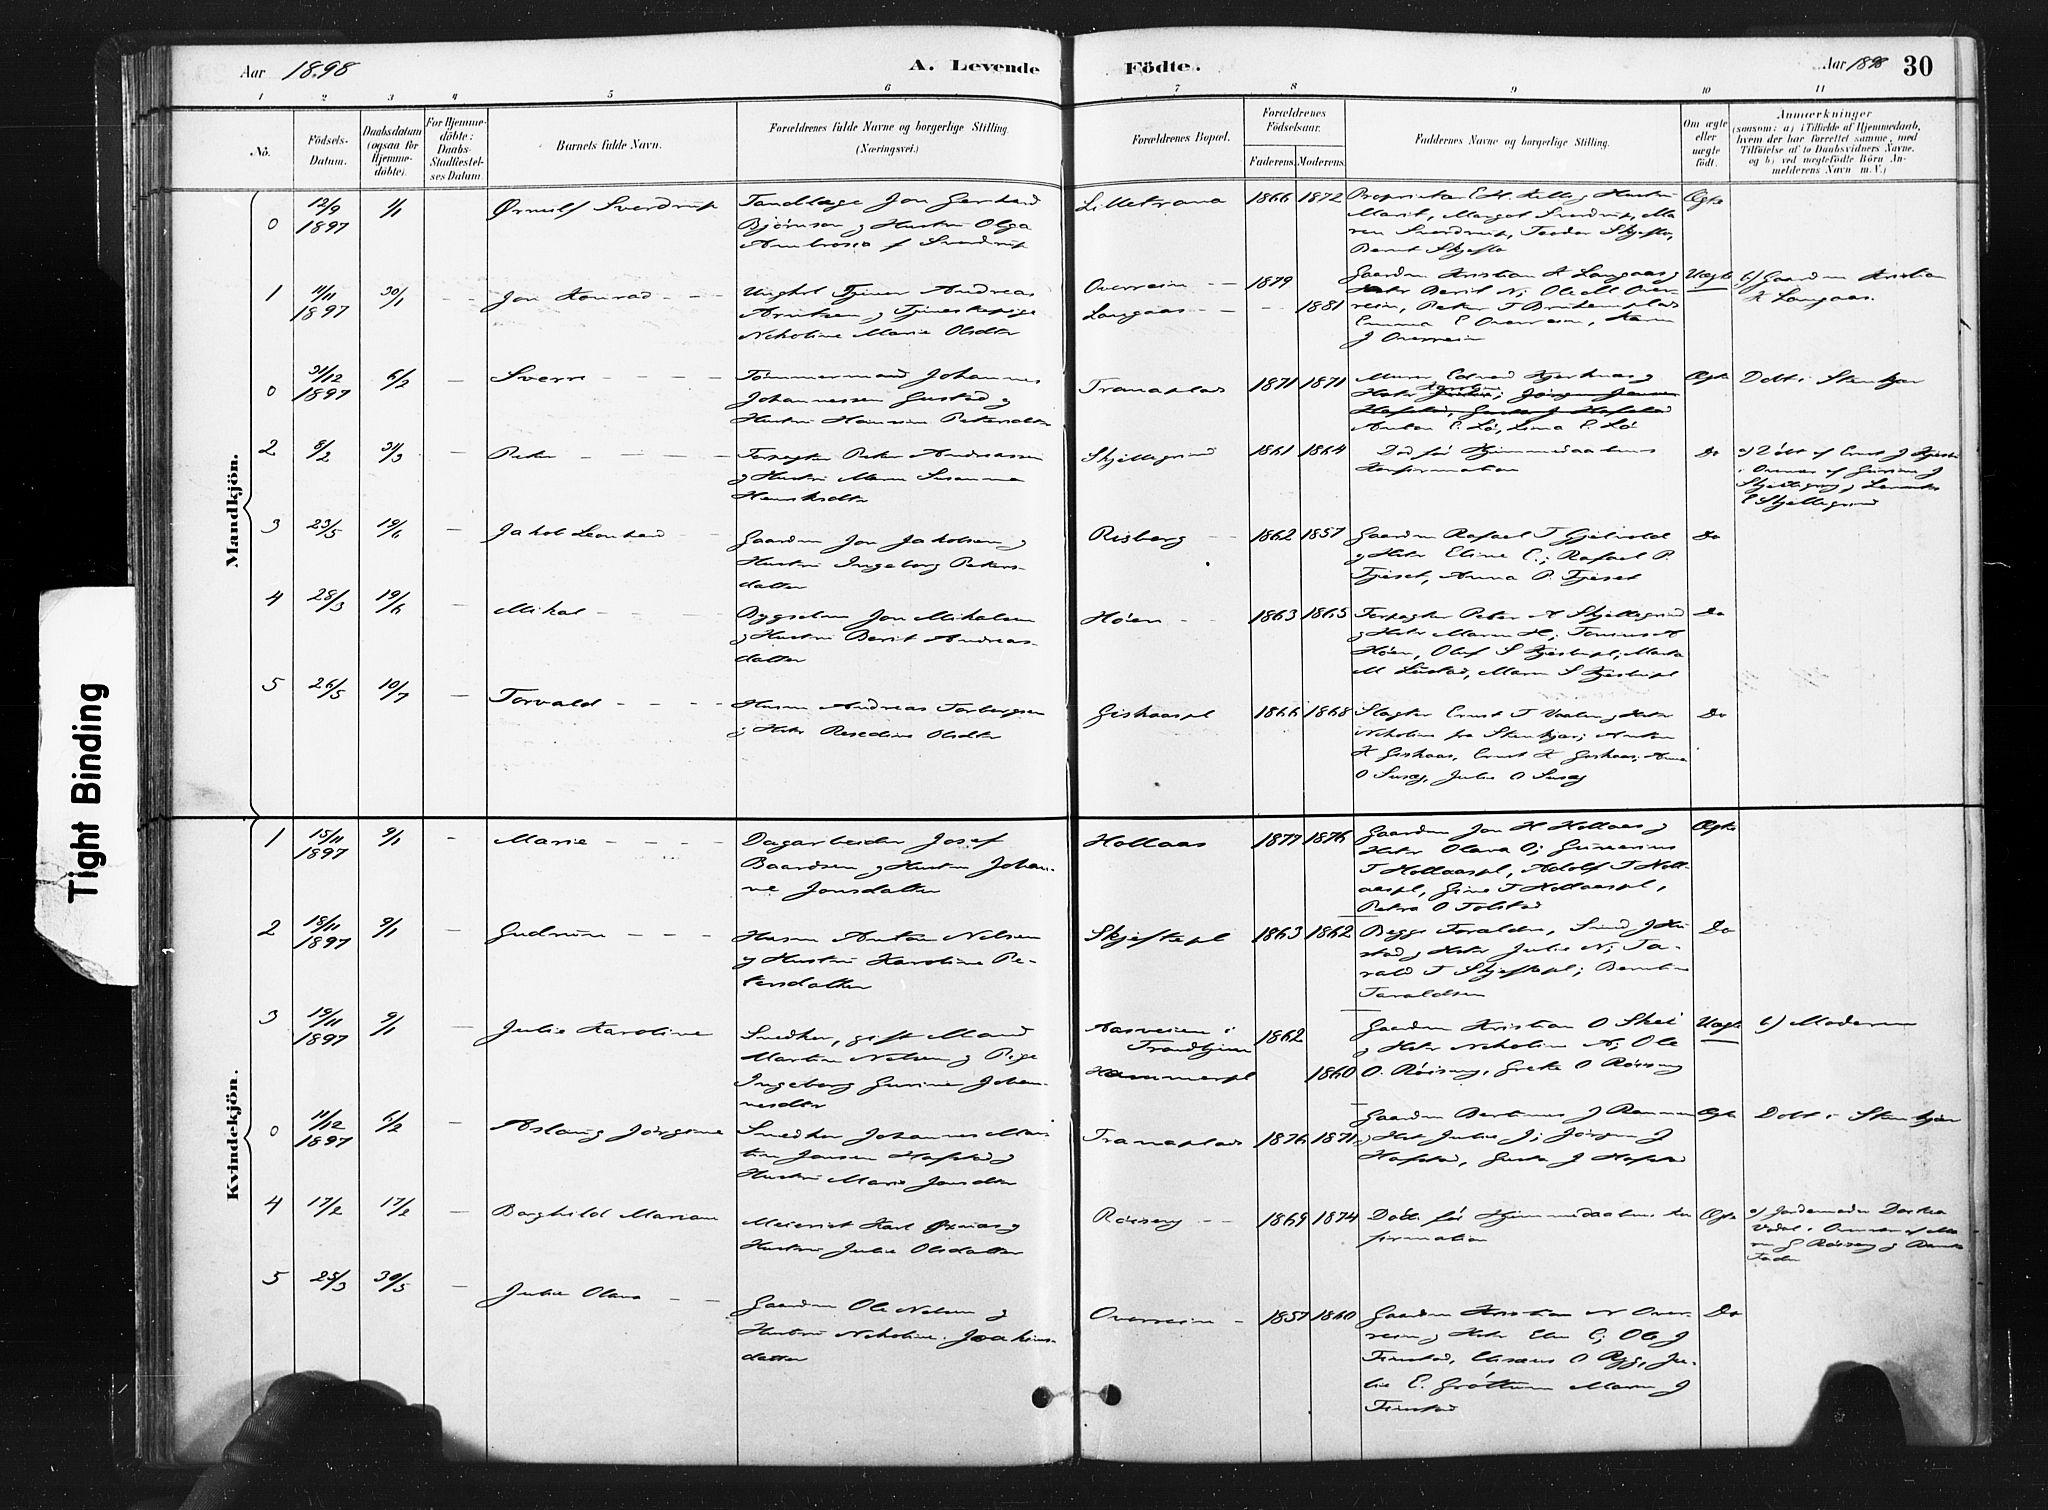 SAT, Ministerialprotokoller, klokkerbøker og fødselsregistre - Nord-Trøndelag, 736/L0361: Ministerialbok nr. 736A01, 1884-1906, s. 30